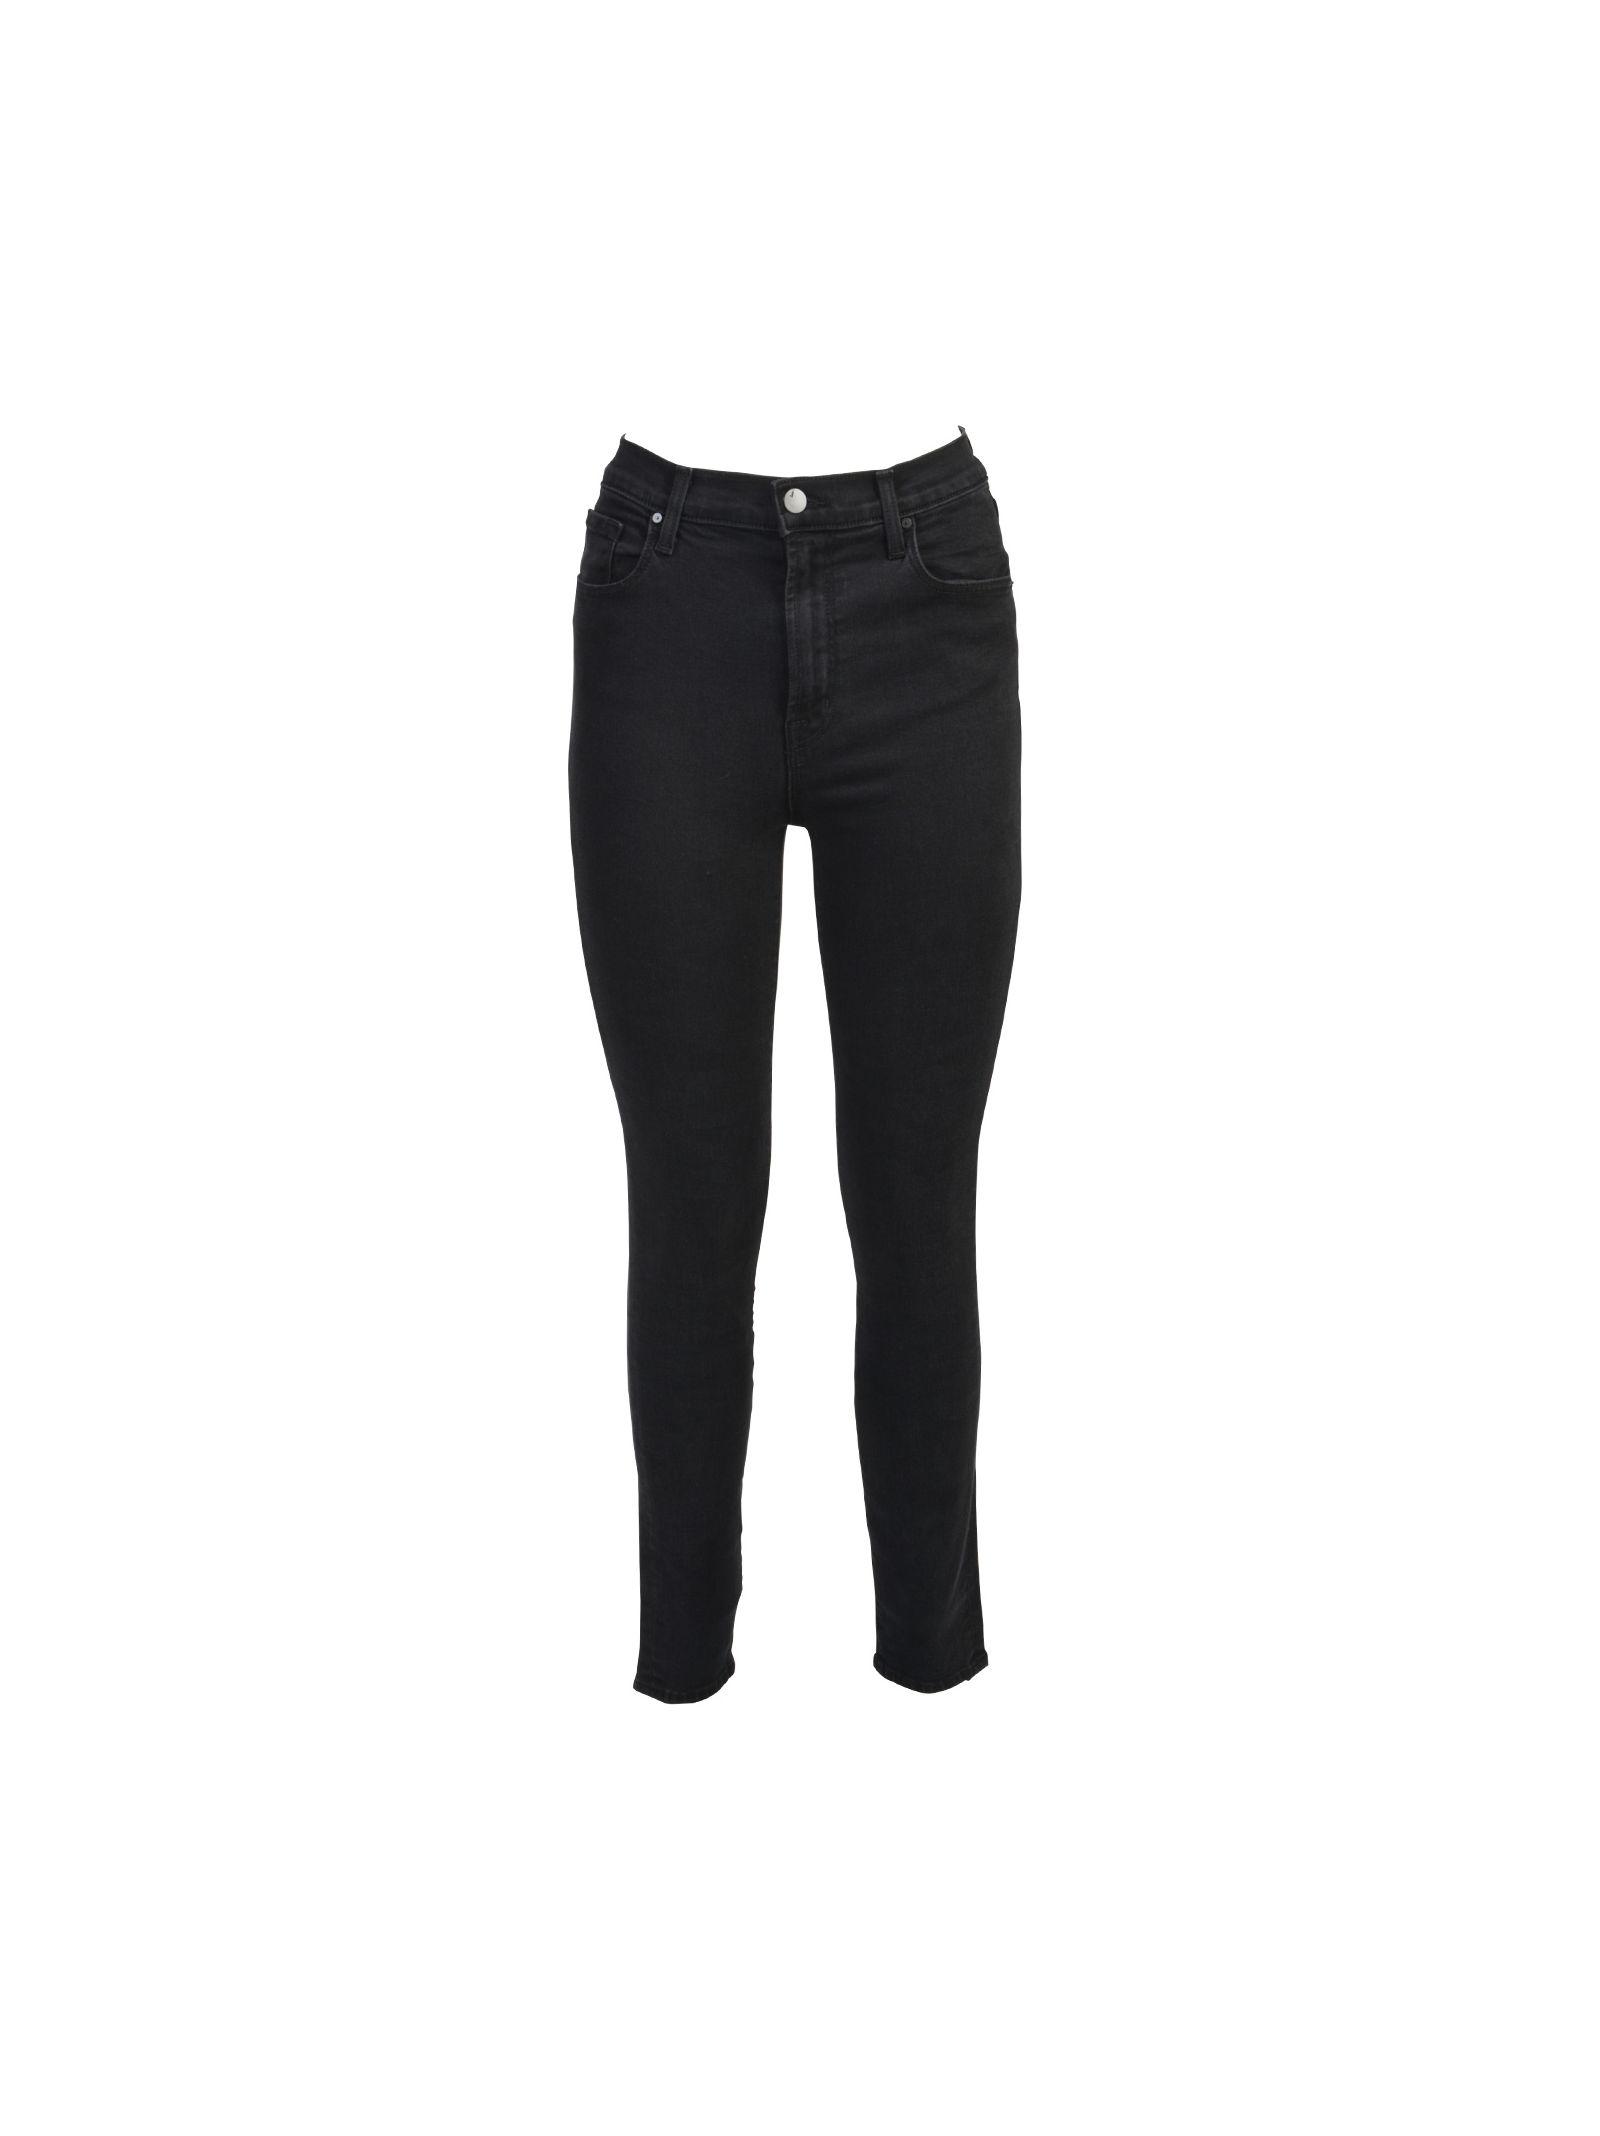 J Brand Carolina Jeans